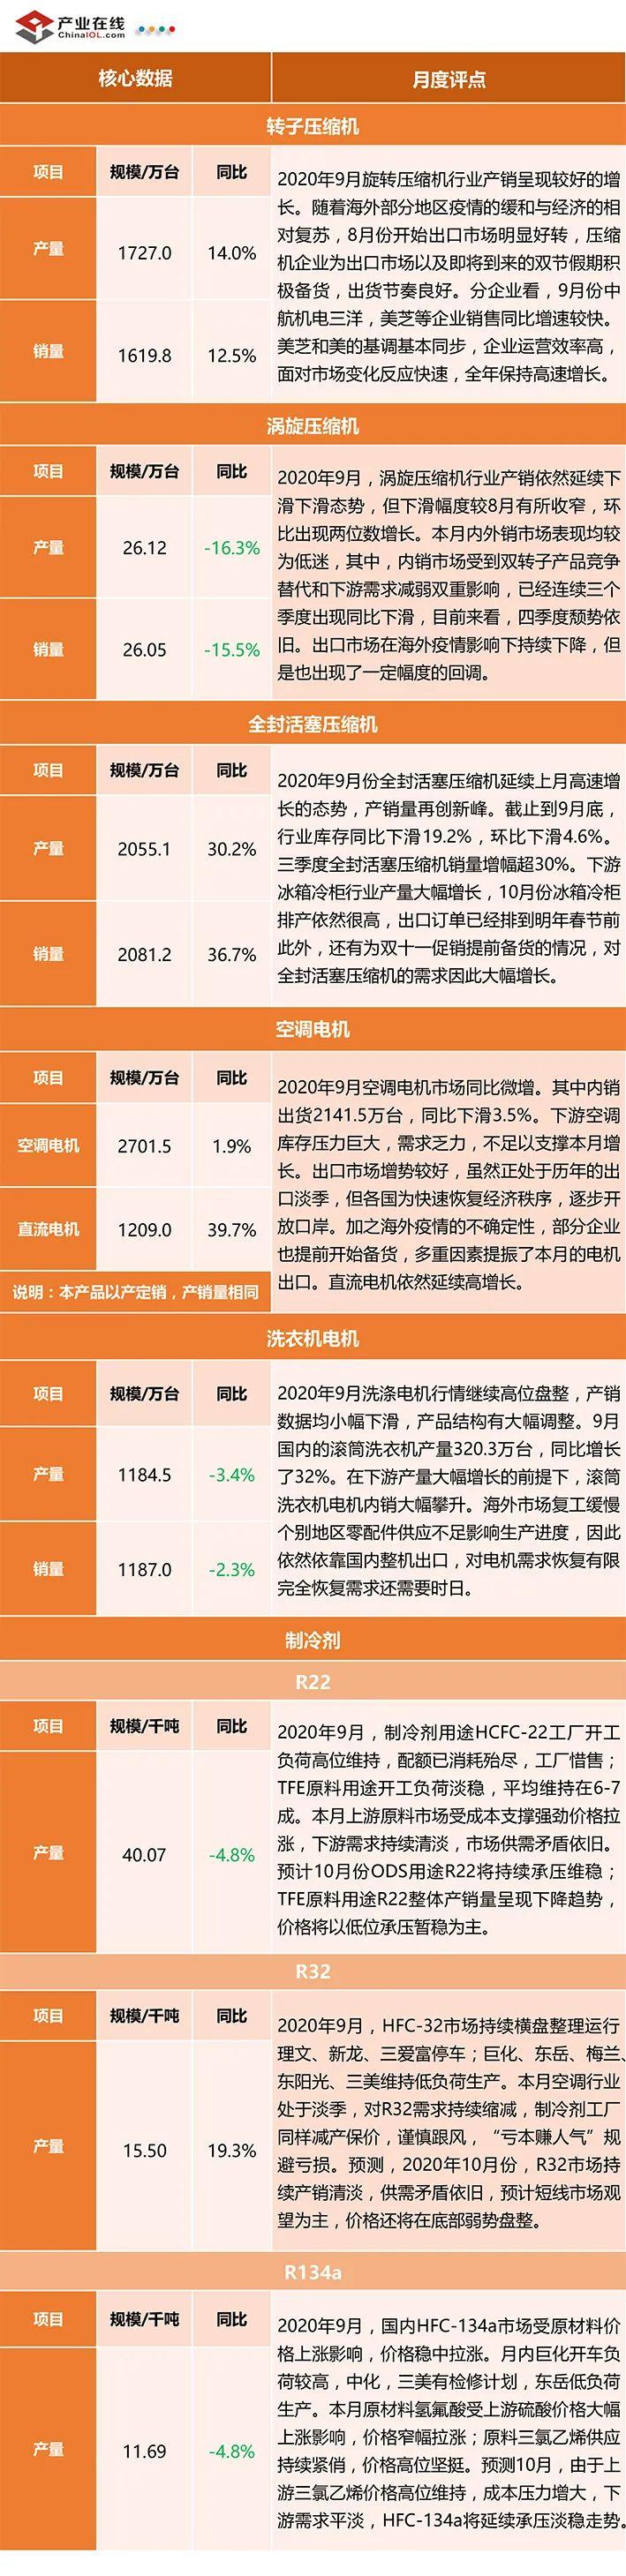 产业在线:2020年9月全产业链数据发布